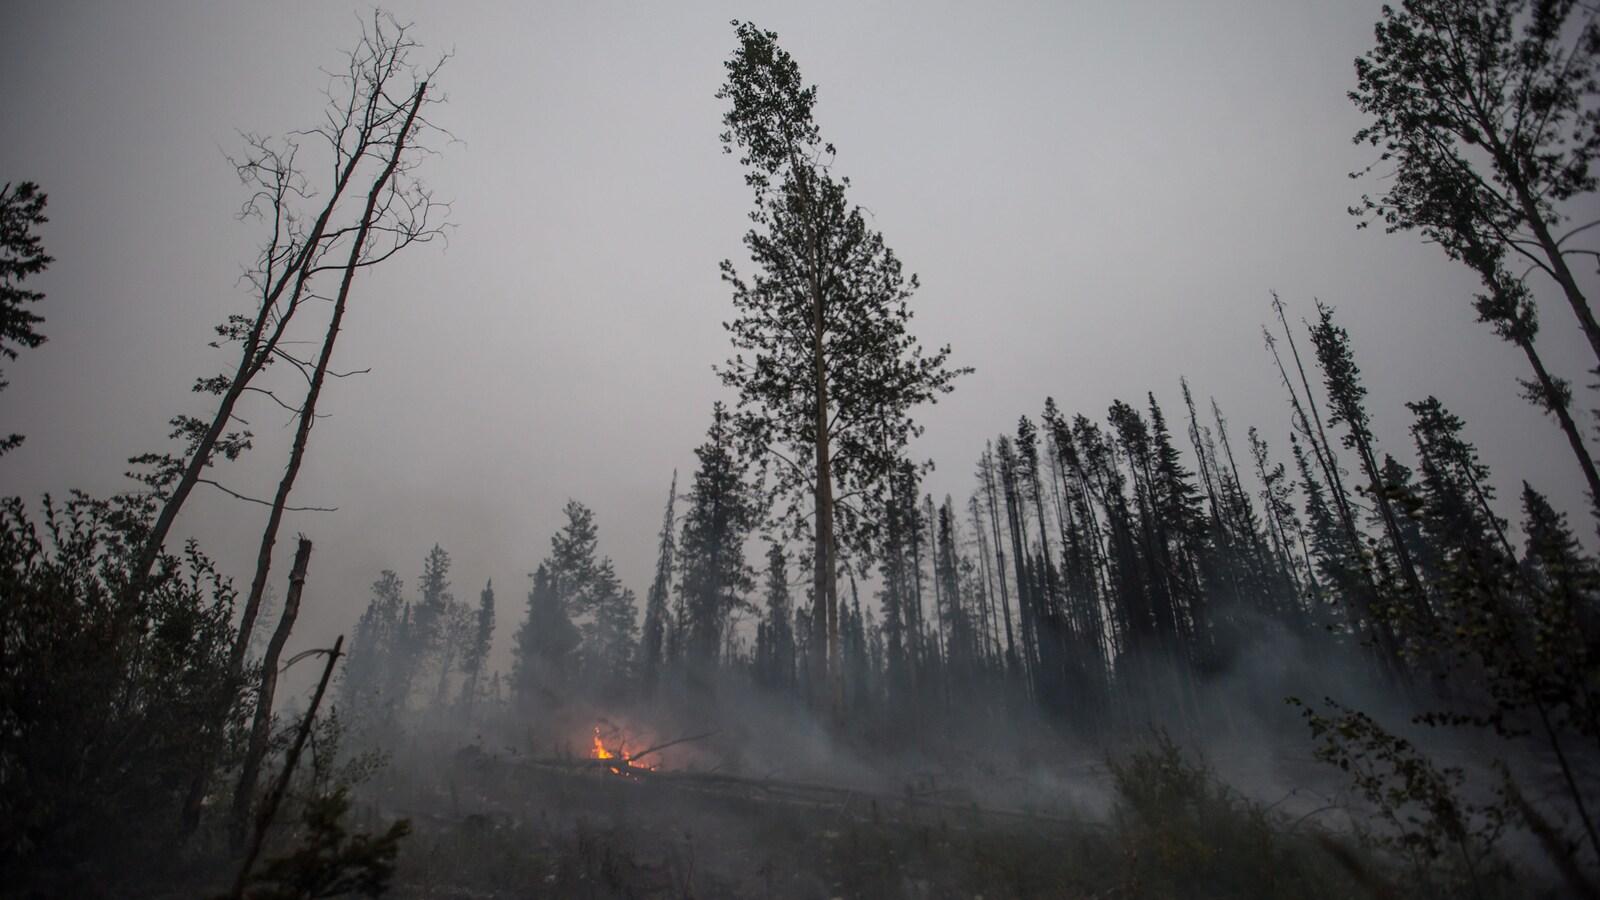 Image d'archives présentant une foret noircie par le feu, avec quelques flammes brûlant encore.